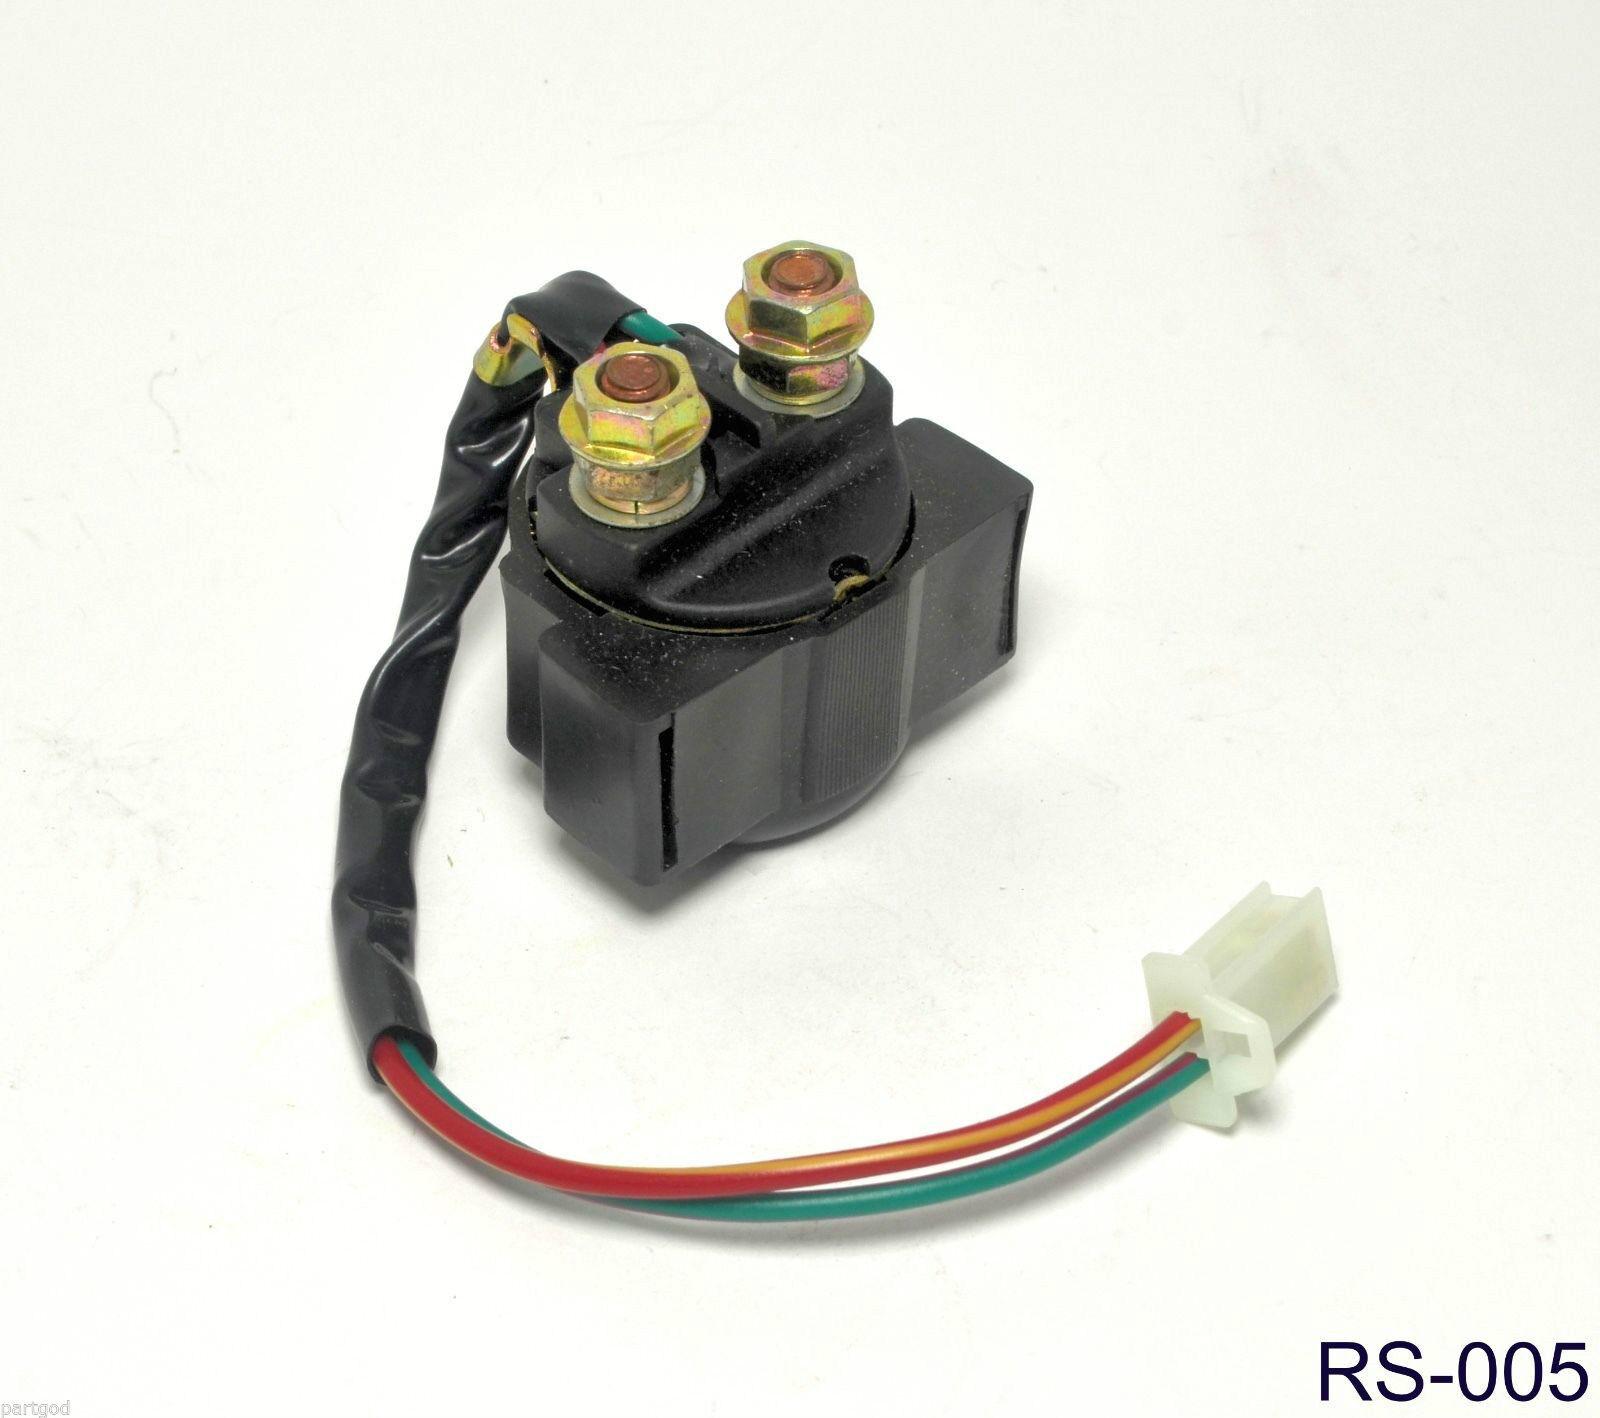 Starter Relay Solenoid for Honda TRX250 TRX 250 Fourtrax 1985 1986 1987 NEW